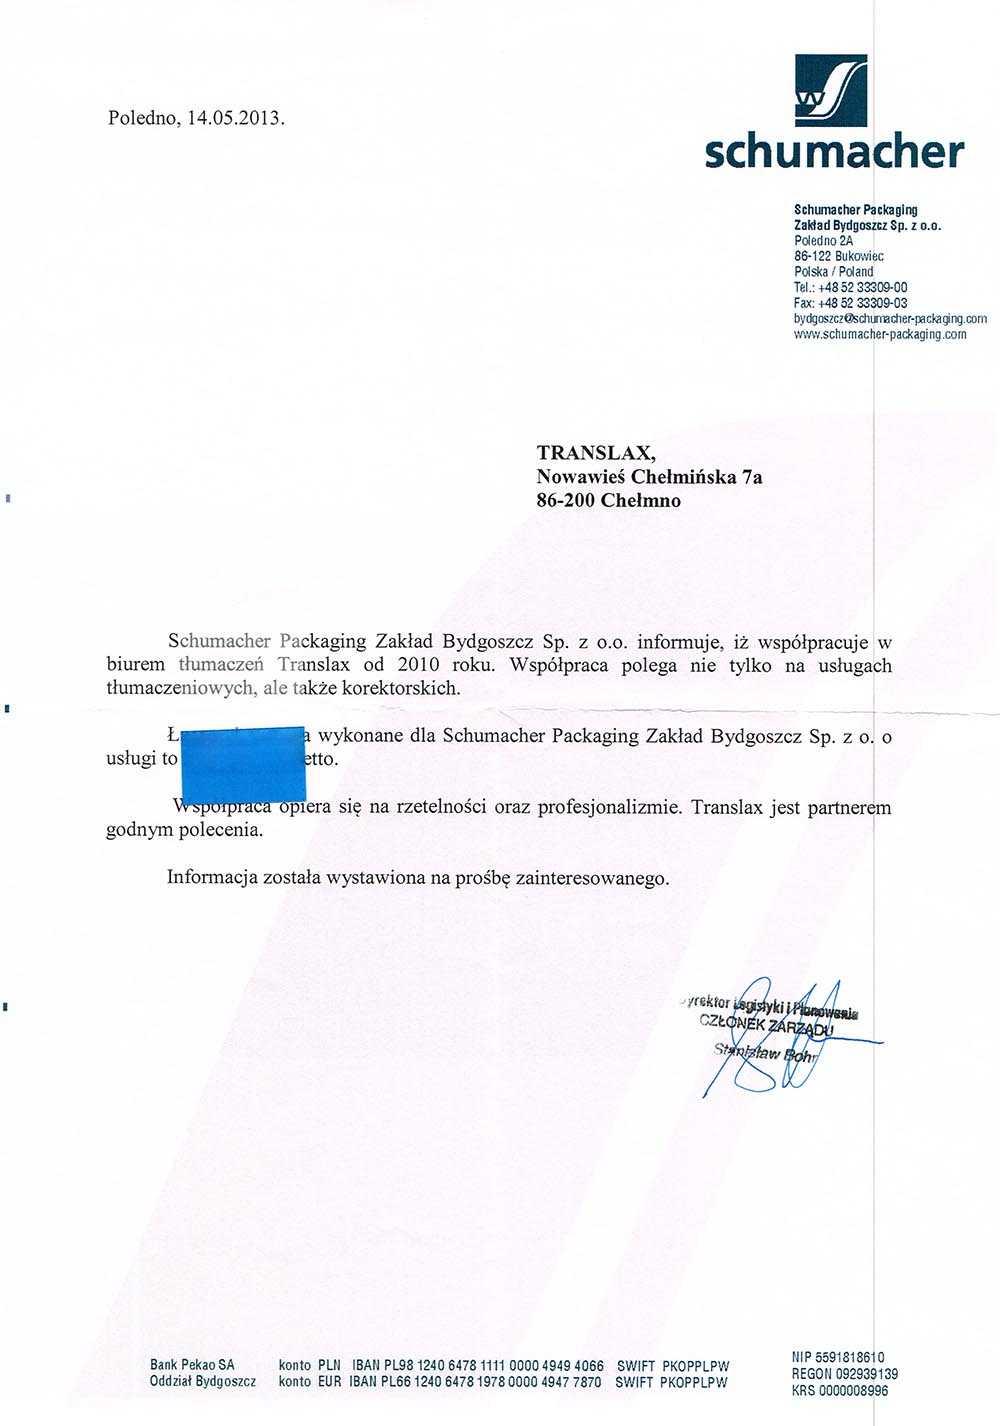 CCF20130605 0001 3 - Referencje